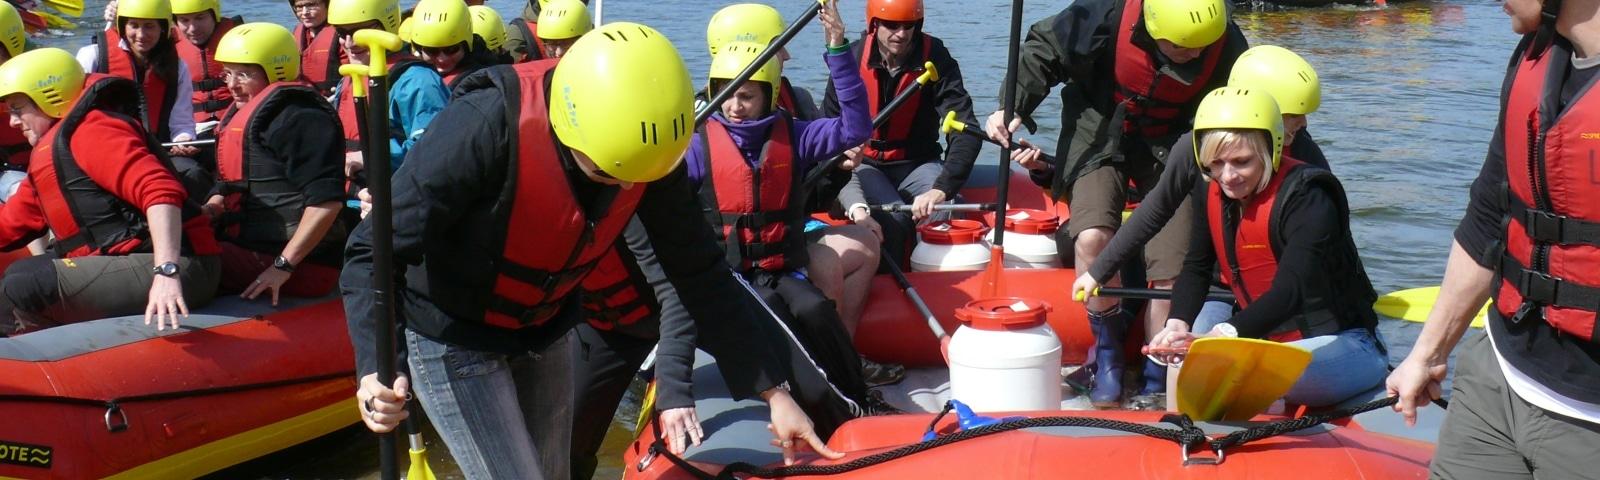 Rafting NRW